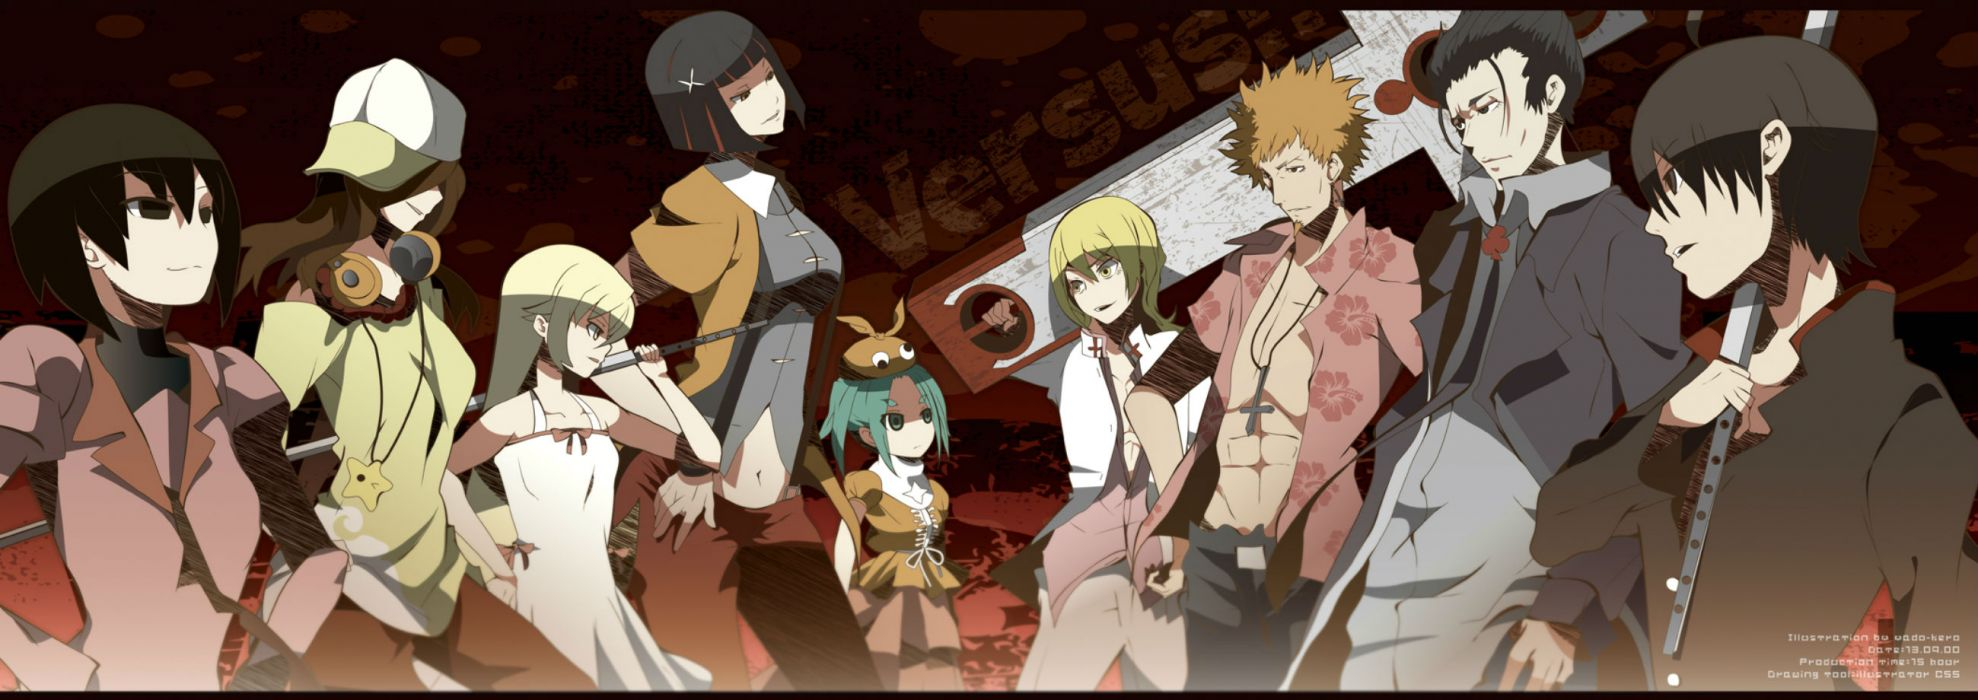 bakemonogatari cross episode gaen izuko headphones kagenui yozuru kaiki deishuu oshino meme oshino ougi oshino shinobu sword weapon yadokugaeru wallpaper